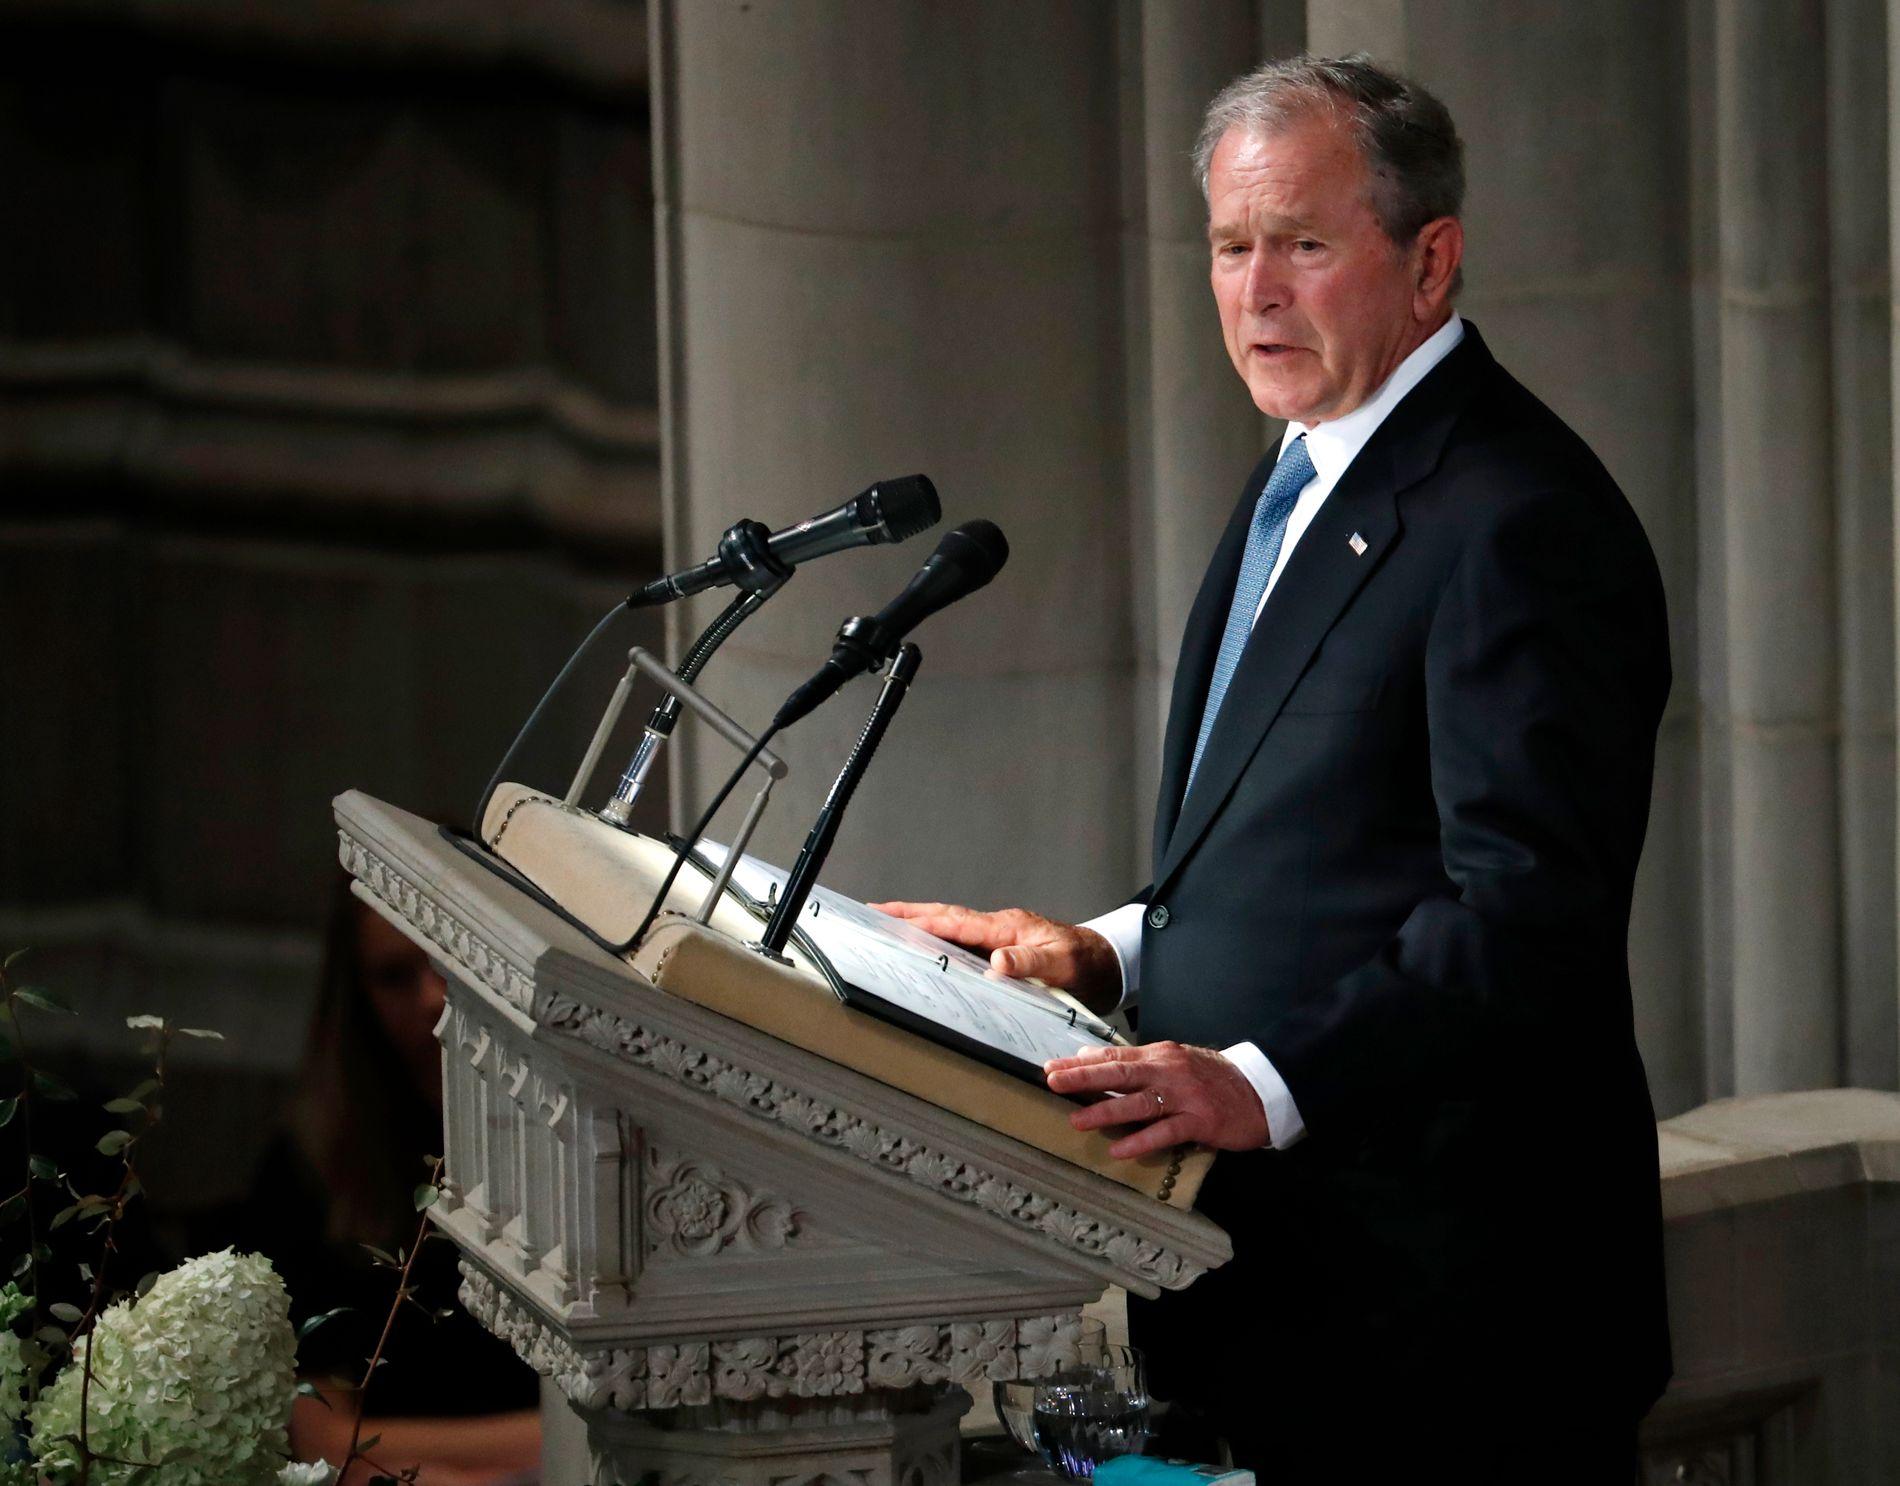 TALTE: Tidligere president George W. Bush holdt minnetale om John McCain i Washington lørdag. Han fortalte om vennskapet med sin tidligere rival.